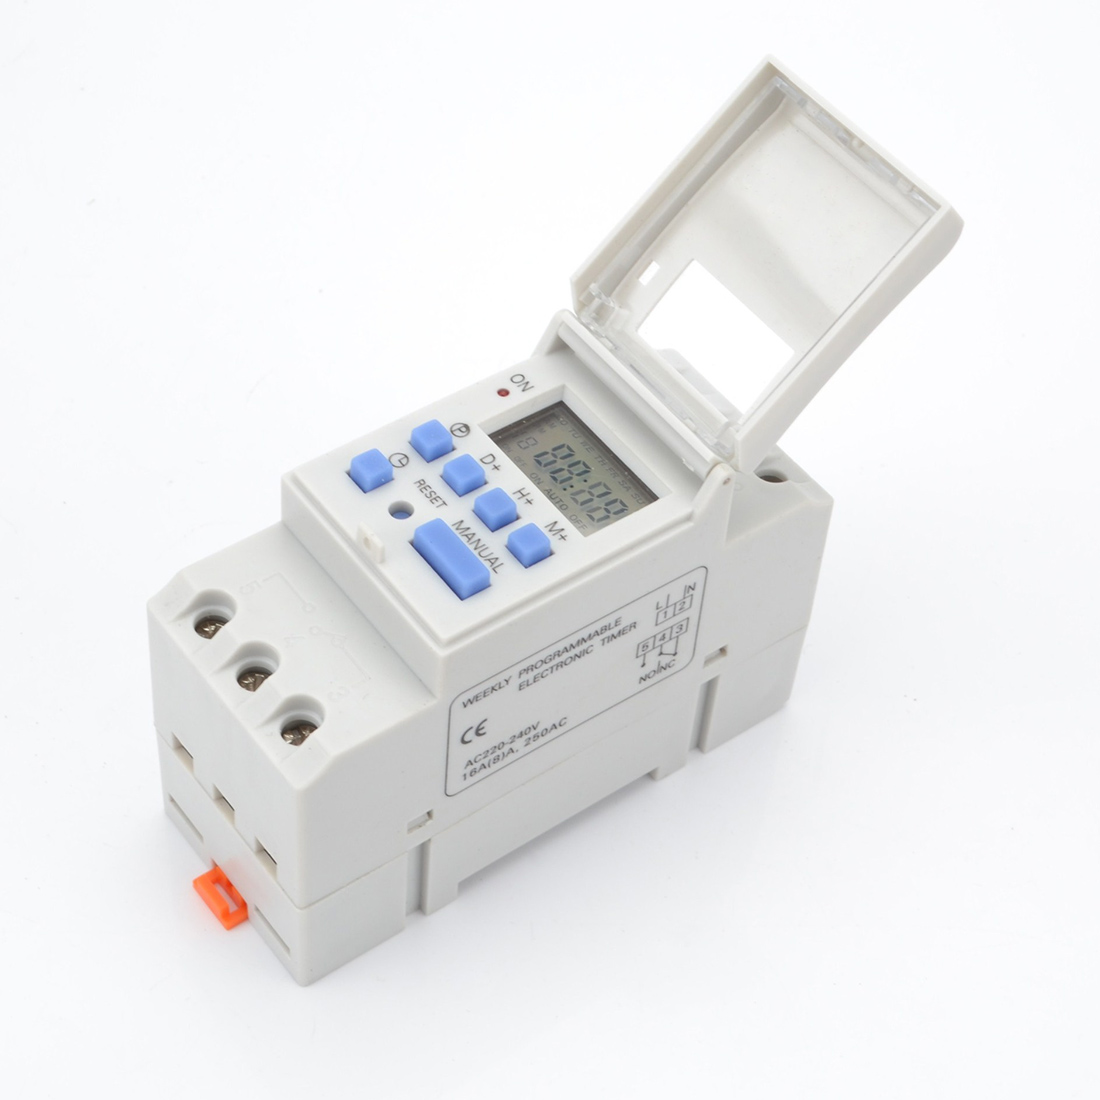 7 Dias Programável Tempo Interruptor do Temporizador De Energia Digital LCD AC 220 v/110 v DC 12 v 16A Temporizador din Interruptor Do Temporizador Trilho